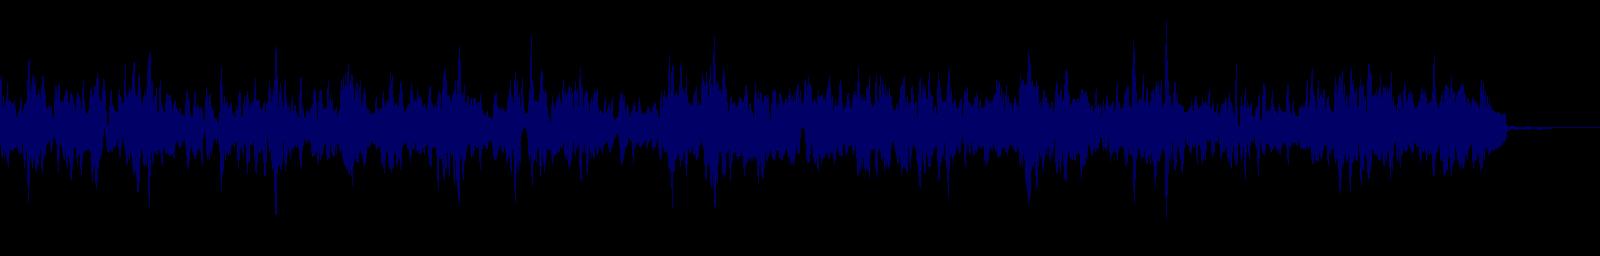 waveform of track #159083